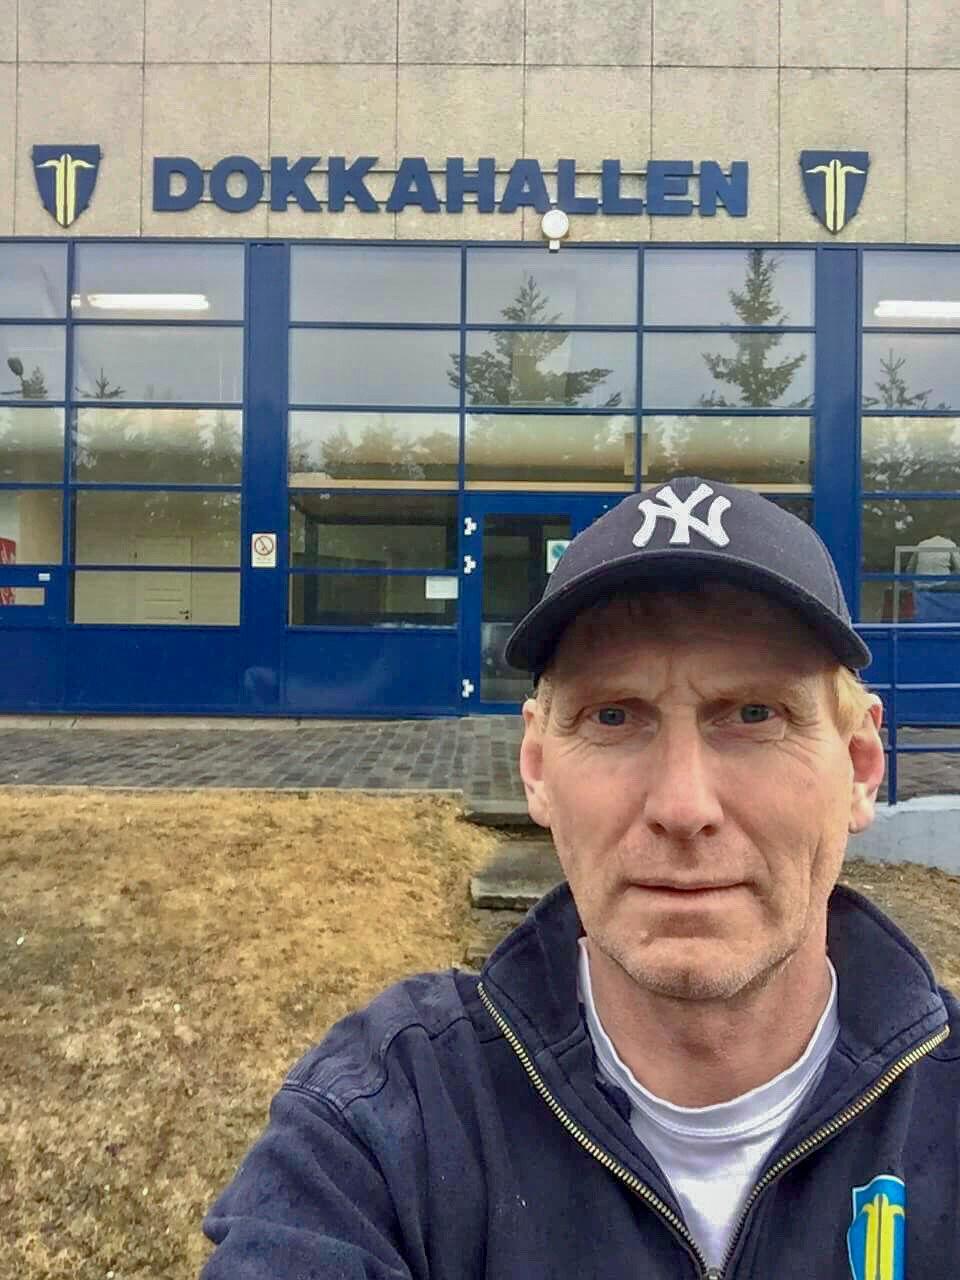 Tore Stensrud Dokkahallen_edited